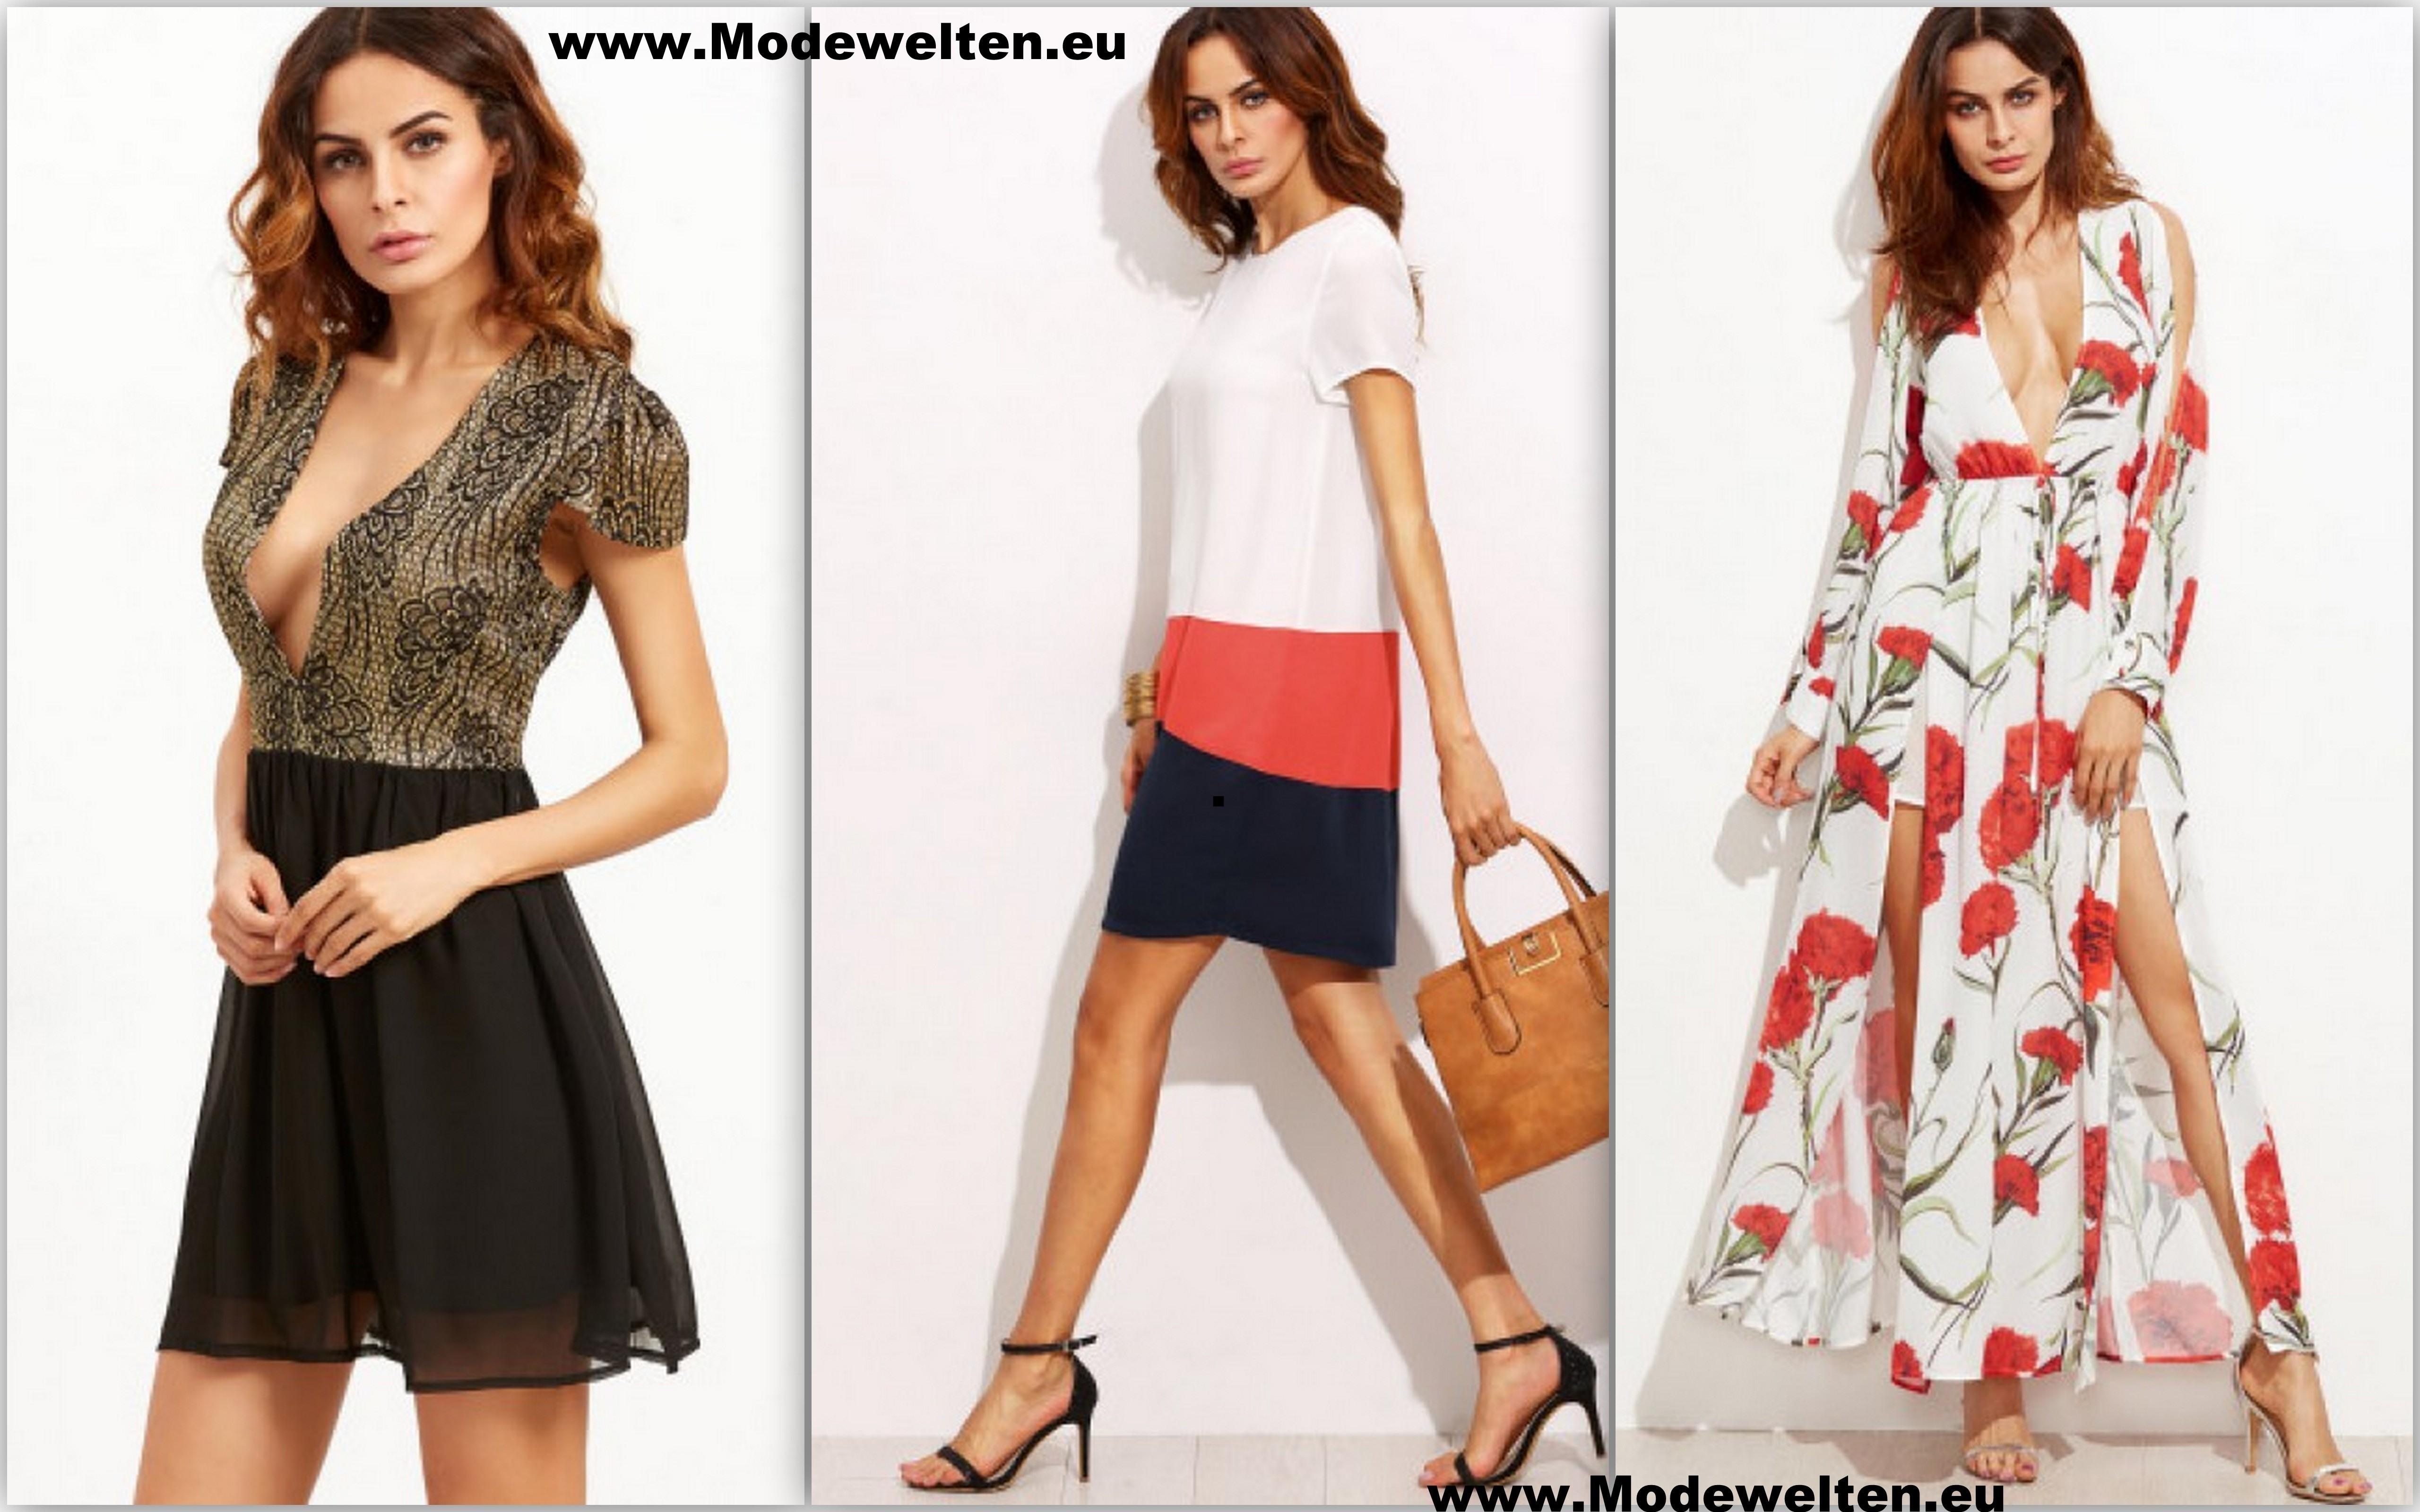 20 Einzigartig Sommerkleider Online Kaufen Bester Preis15 Ausgezeichnet Sommerkleider Online Kaufen Stylish